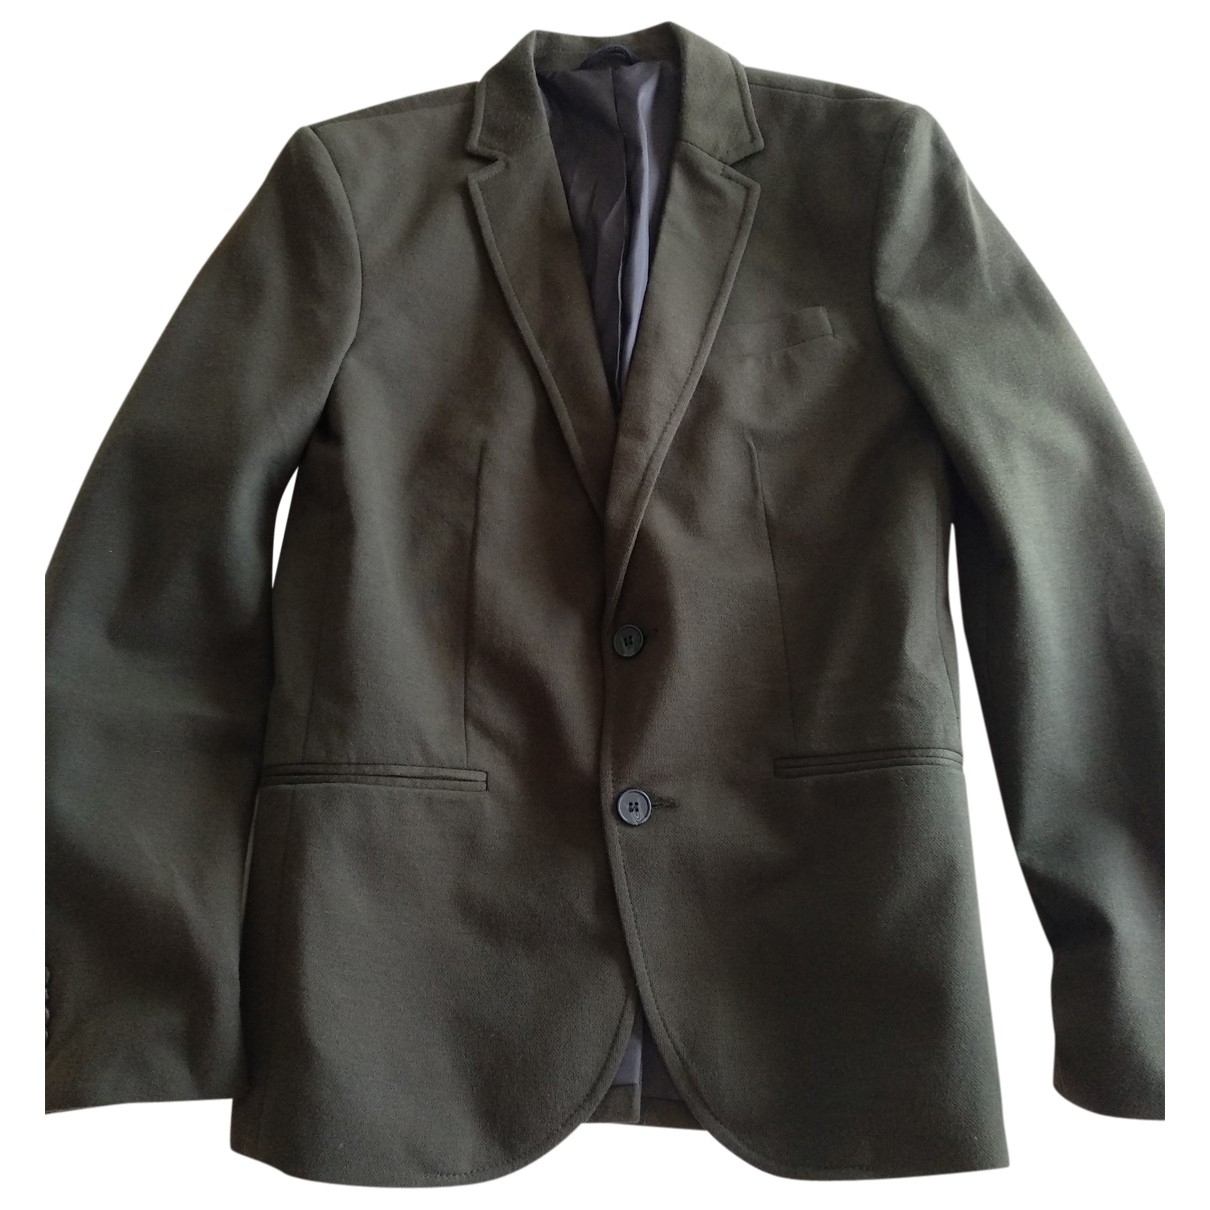 Zara - Vestes.Blousons   pour homme - vert